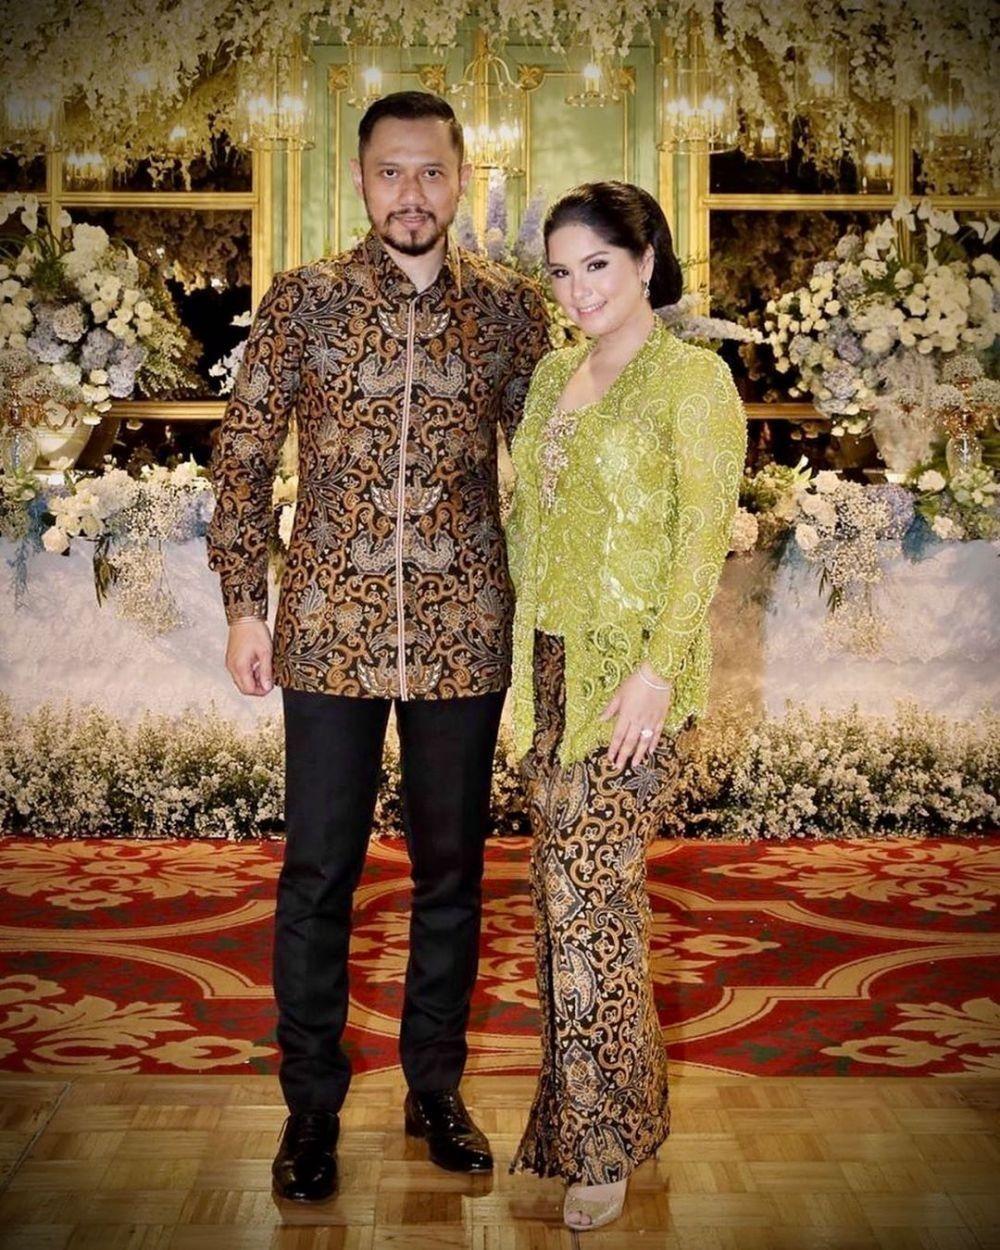 Tampil Serasi, Tiru 5 Gaya Artis Hadiri Pesta dengan Pakaian Couple